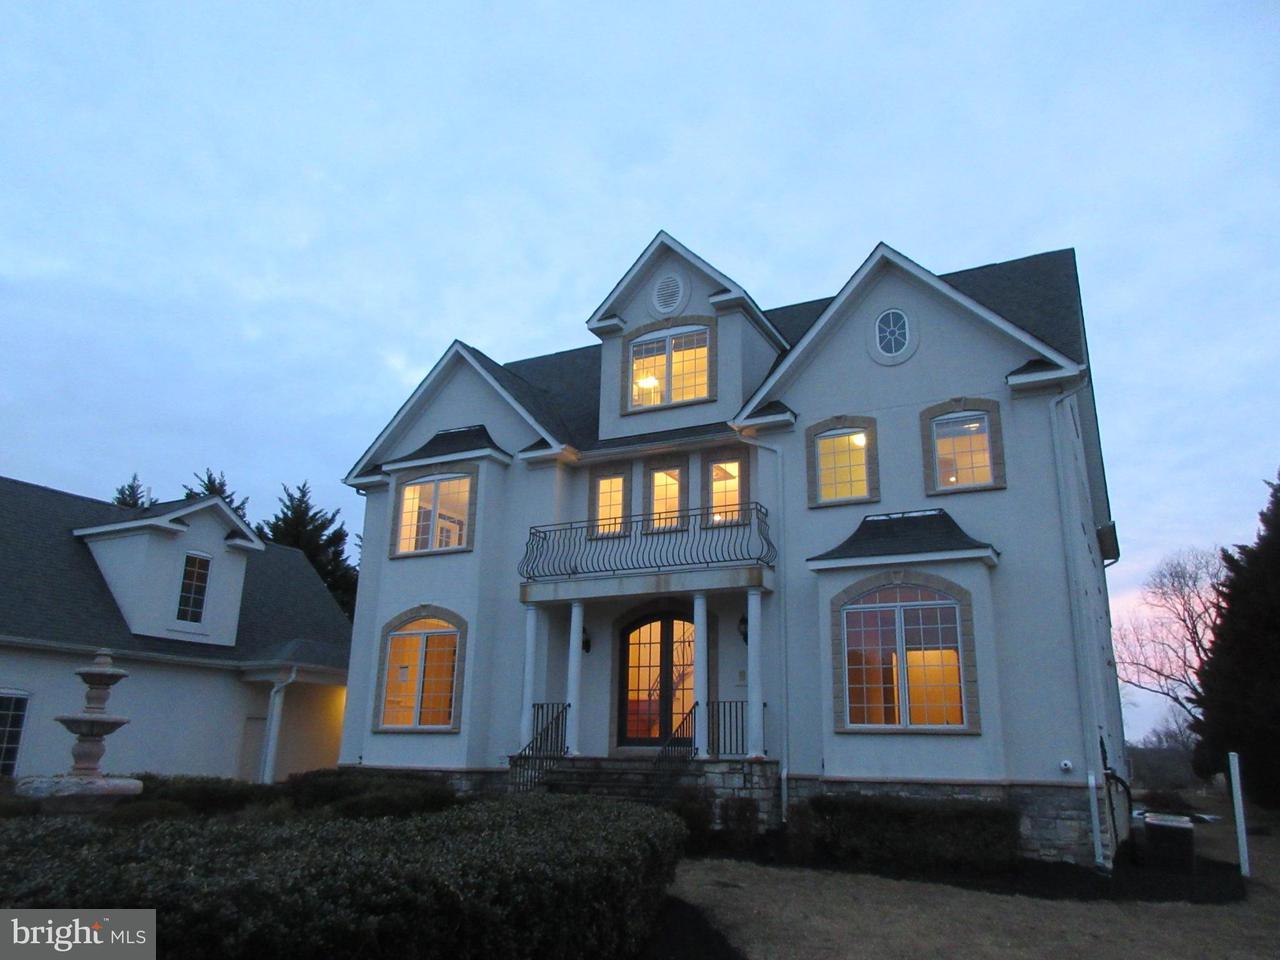 Частный односемейный дом для того Продажа на 3900 Island Landing Court 3900 Island Landing Court Broomes Island, Мэриленд 20615 Соединенные Штаты